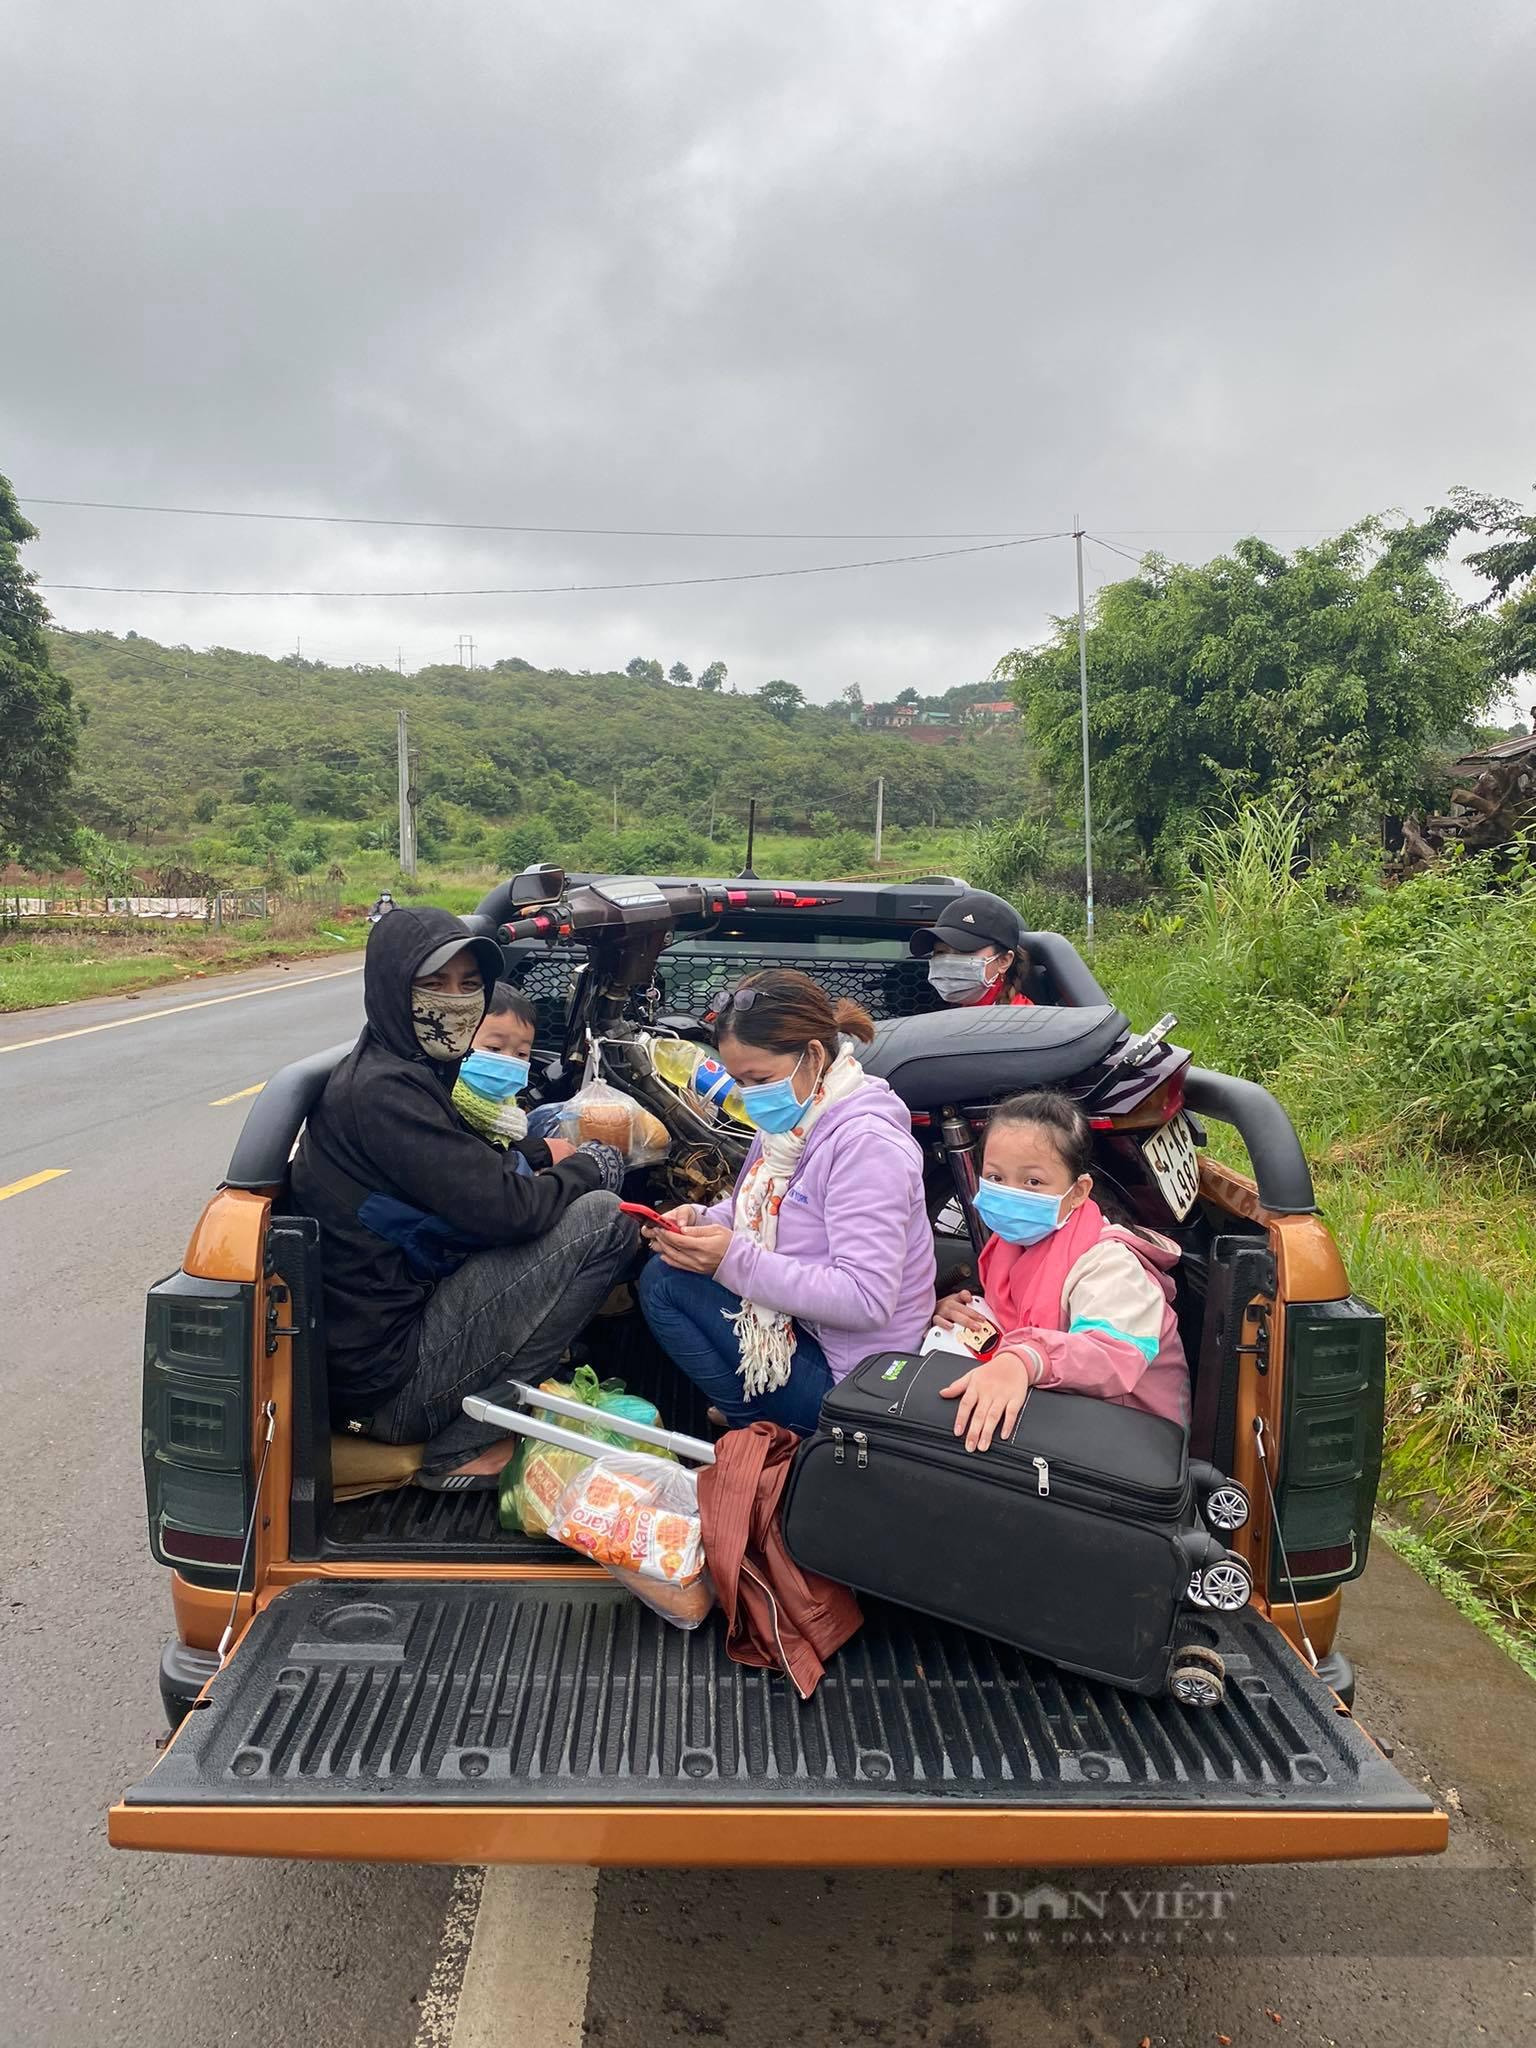 Đắk Nông: 2 vợ chồng trẻ hoảng loạn khi bị hư xe giữa đêm mưa được tặng xe máy mới về quê - Ảnh 1.